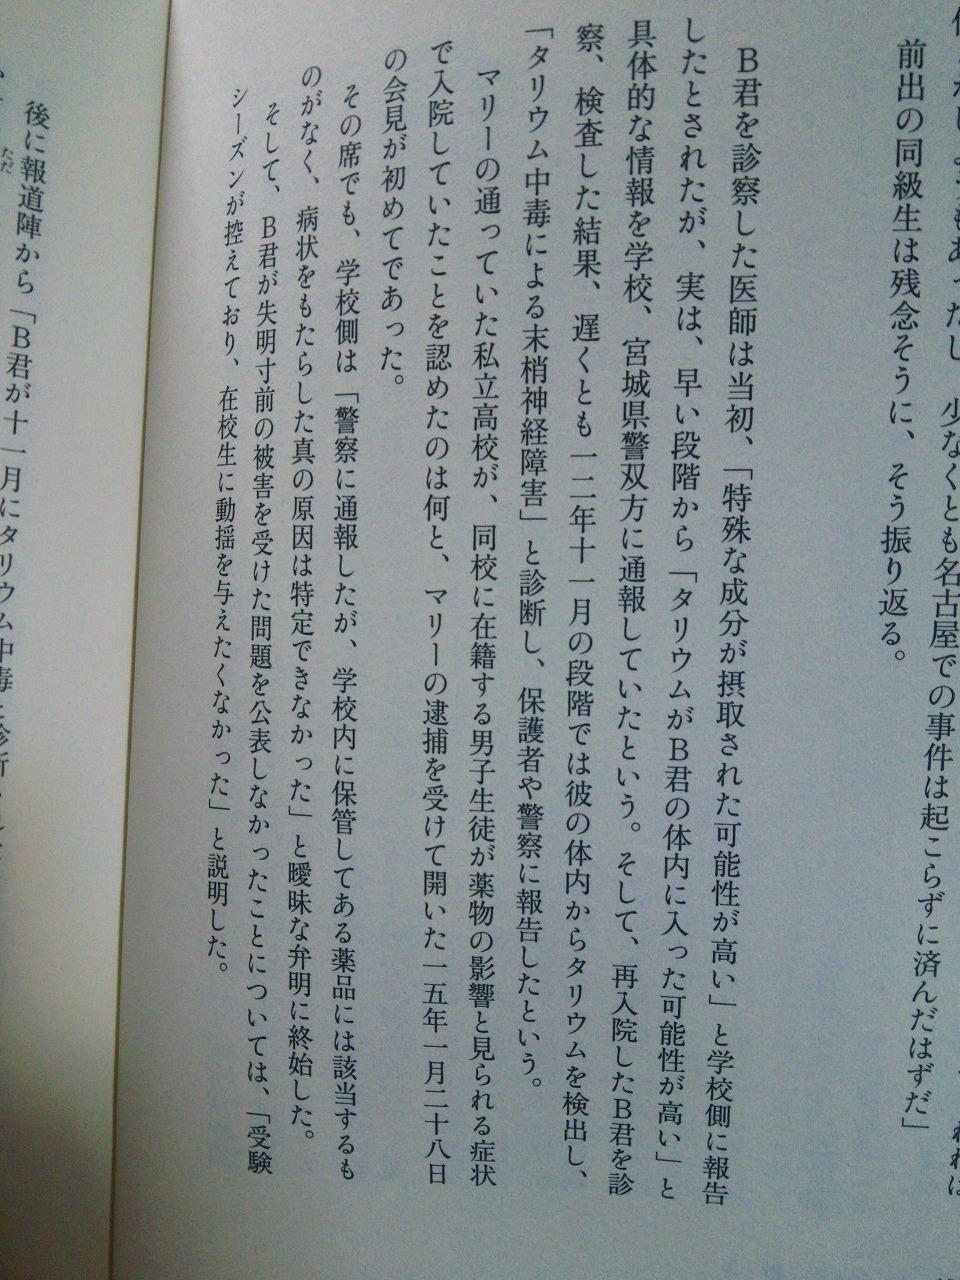 ⑦【殺人鬼万里亜】弁護士 裁判官 傍聴人 皆 殺したい!